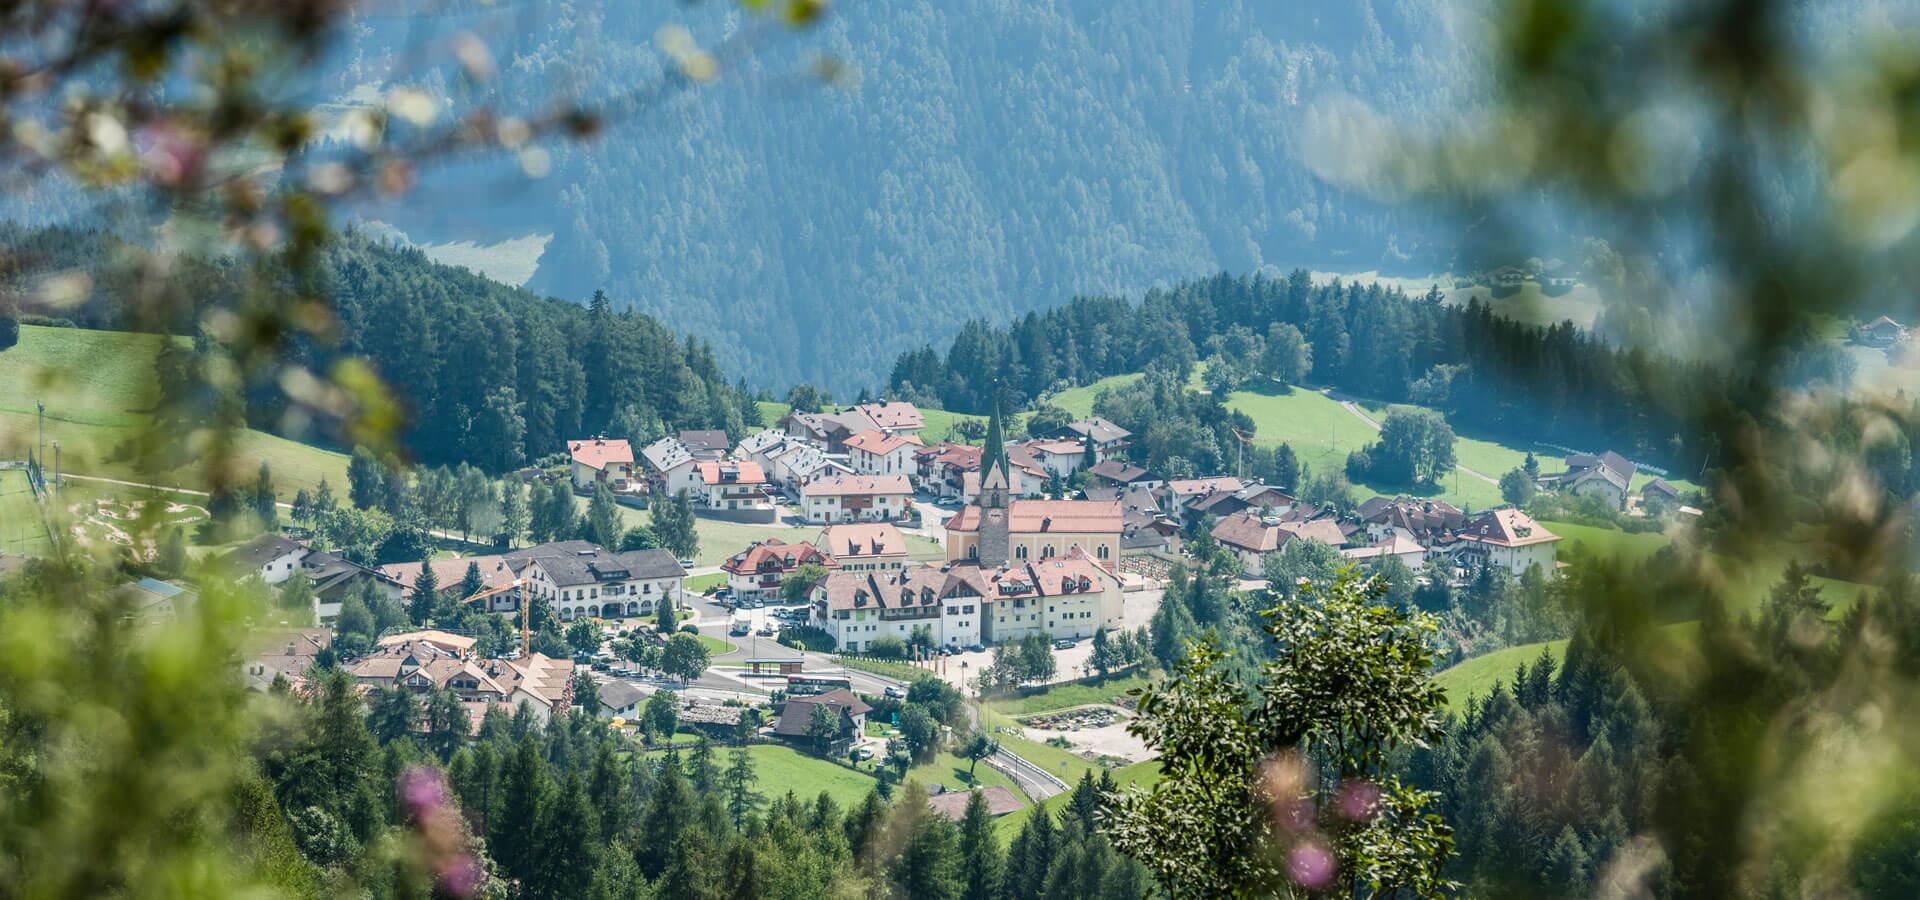 Familienurlaub am Kronplatz - Südtirol